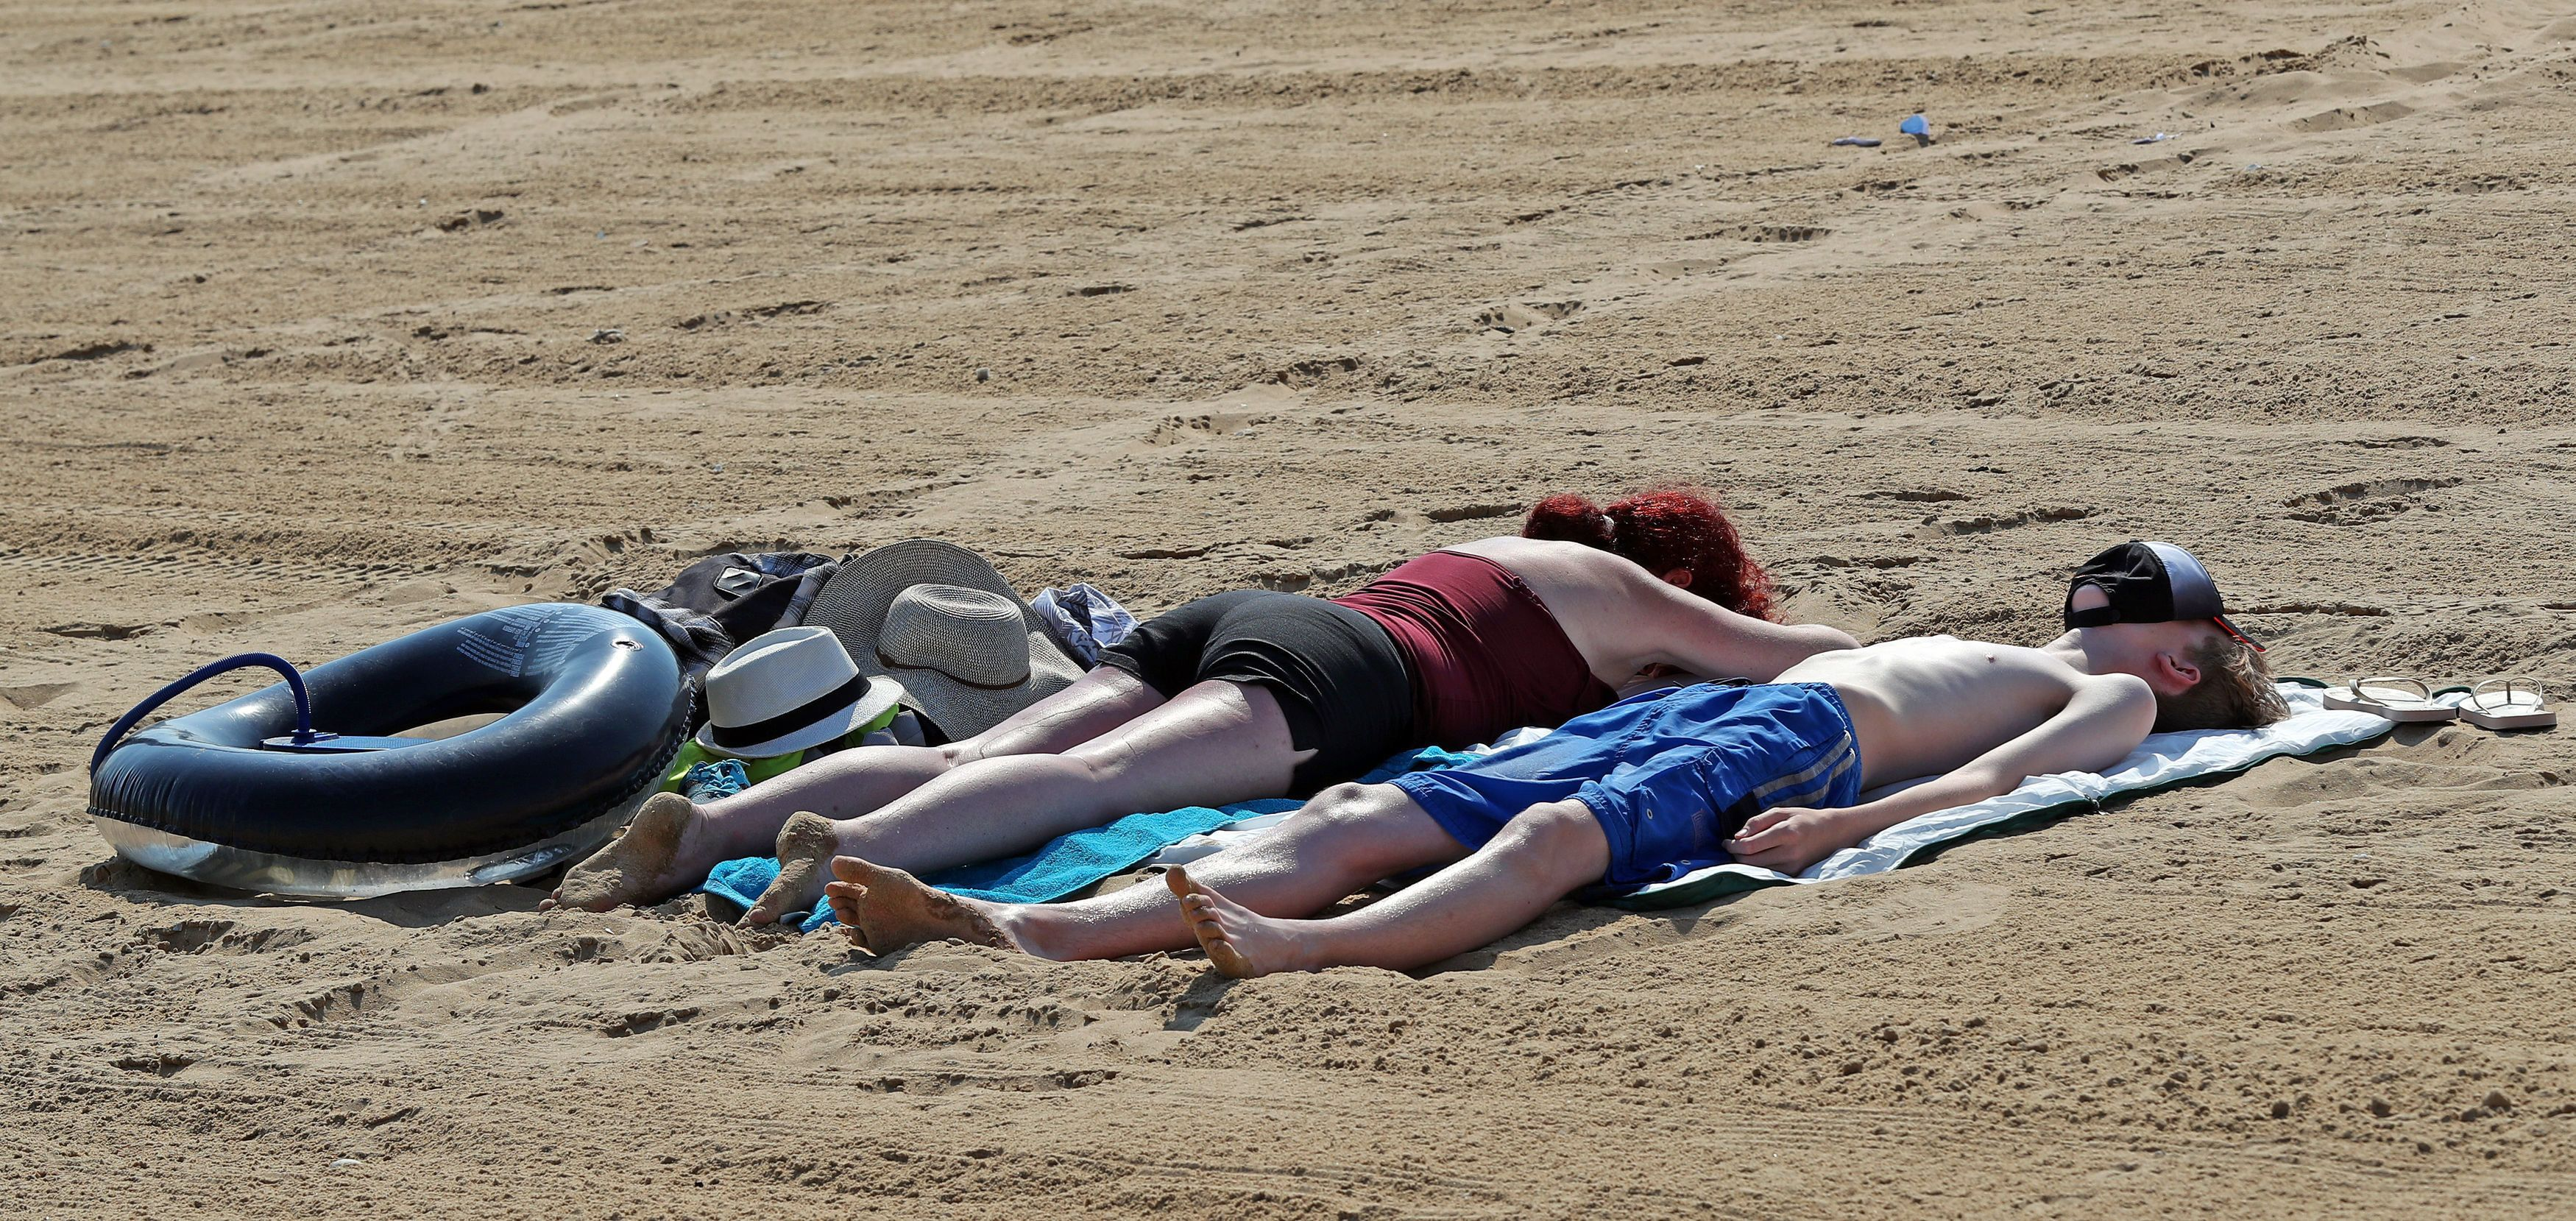 Βρετανία: Να αναμένετε περισσότερα κύματα καύσωνα λόγω της κλιματικής αλλαγής, προειδοποιούν